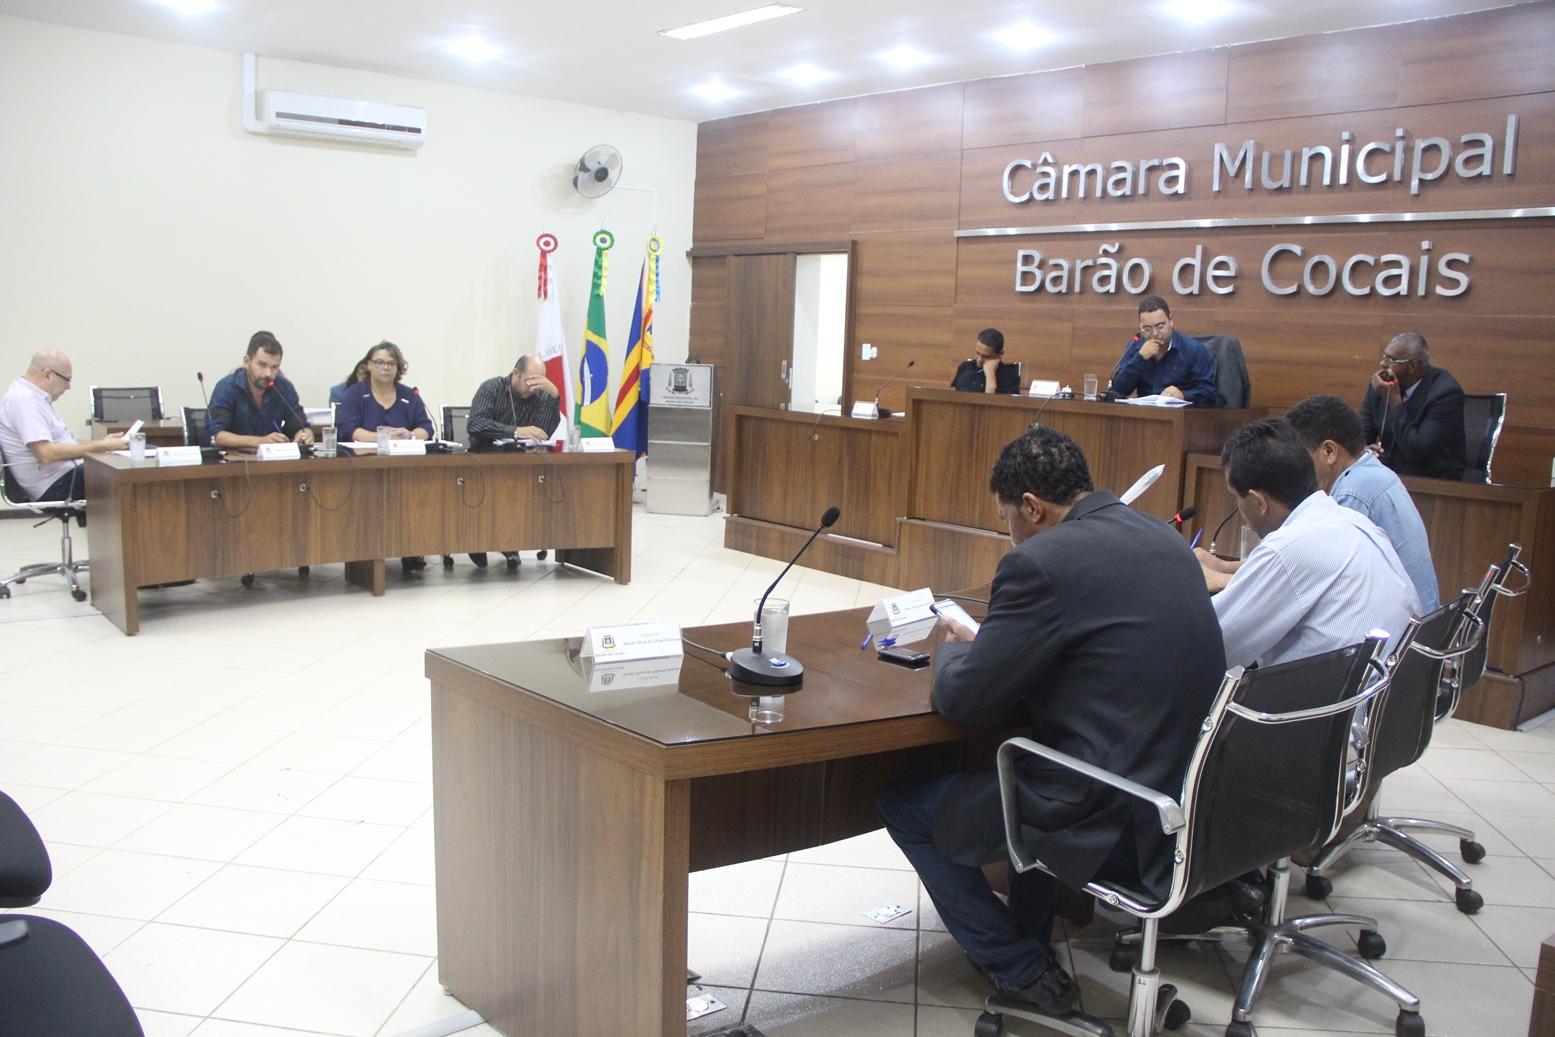 Câmara de Barão de Cocais debaterá problemas no fornecimento de energia da Cemig